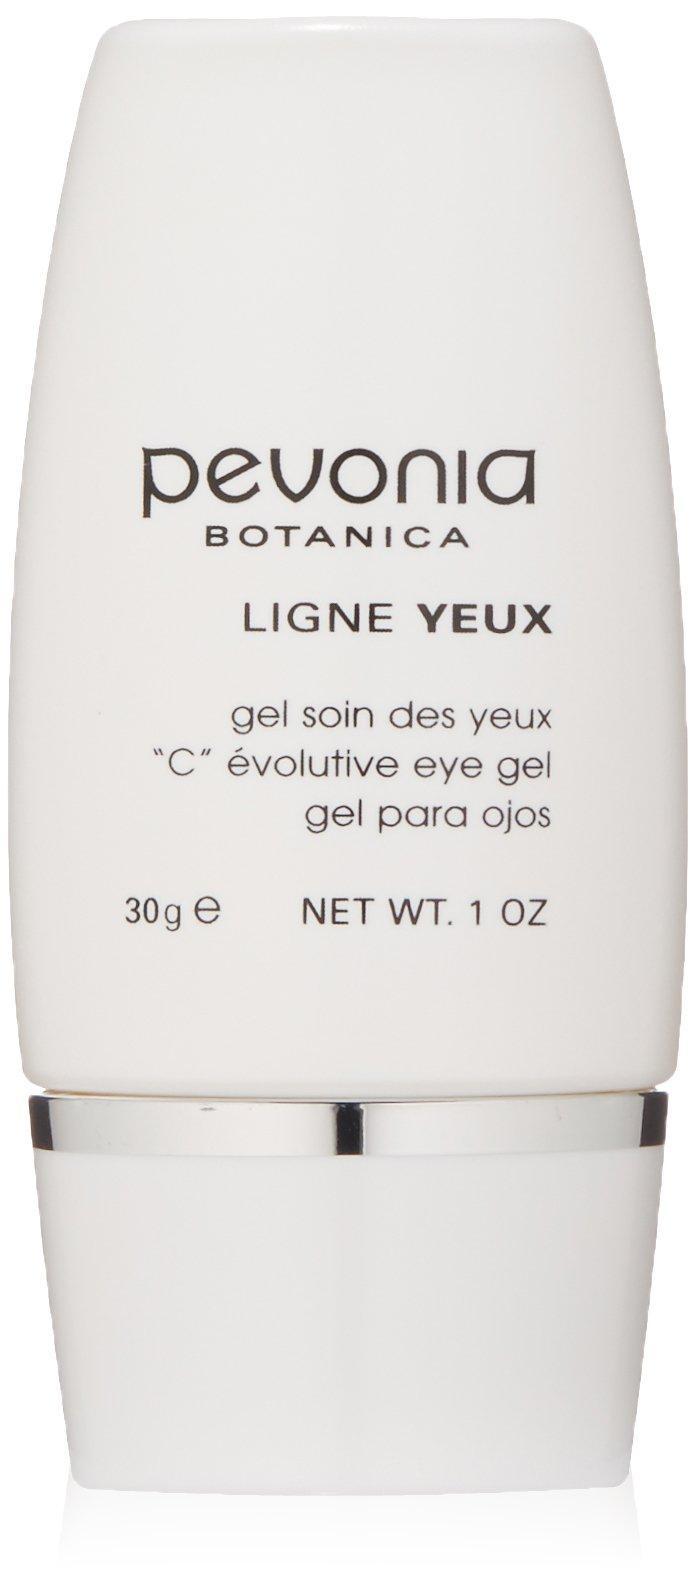 Pevonia ''C'' Evolutive Eye Gel by Pevonia Botanica